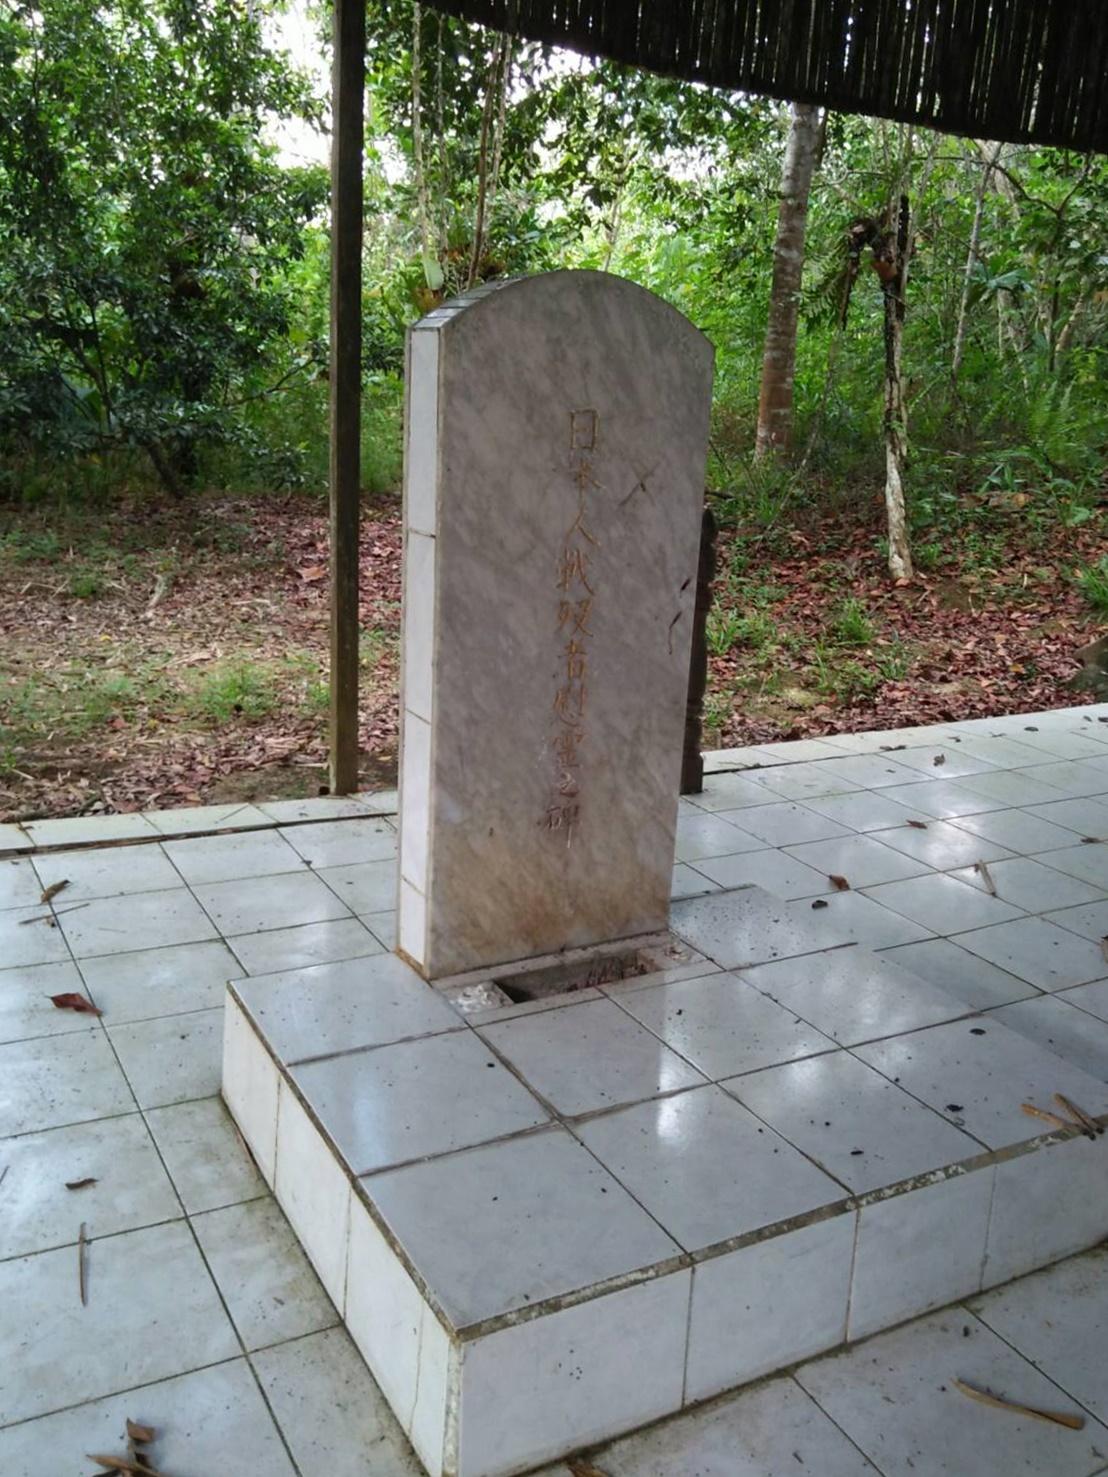 Makam Simbolik Mengenang Serdadu-serdadu Jepang yang Gugur